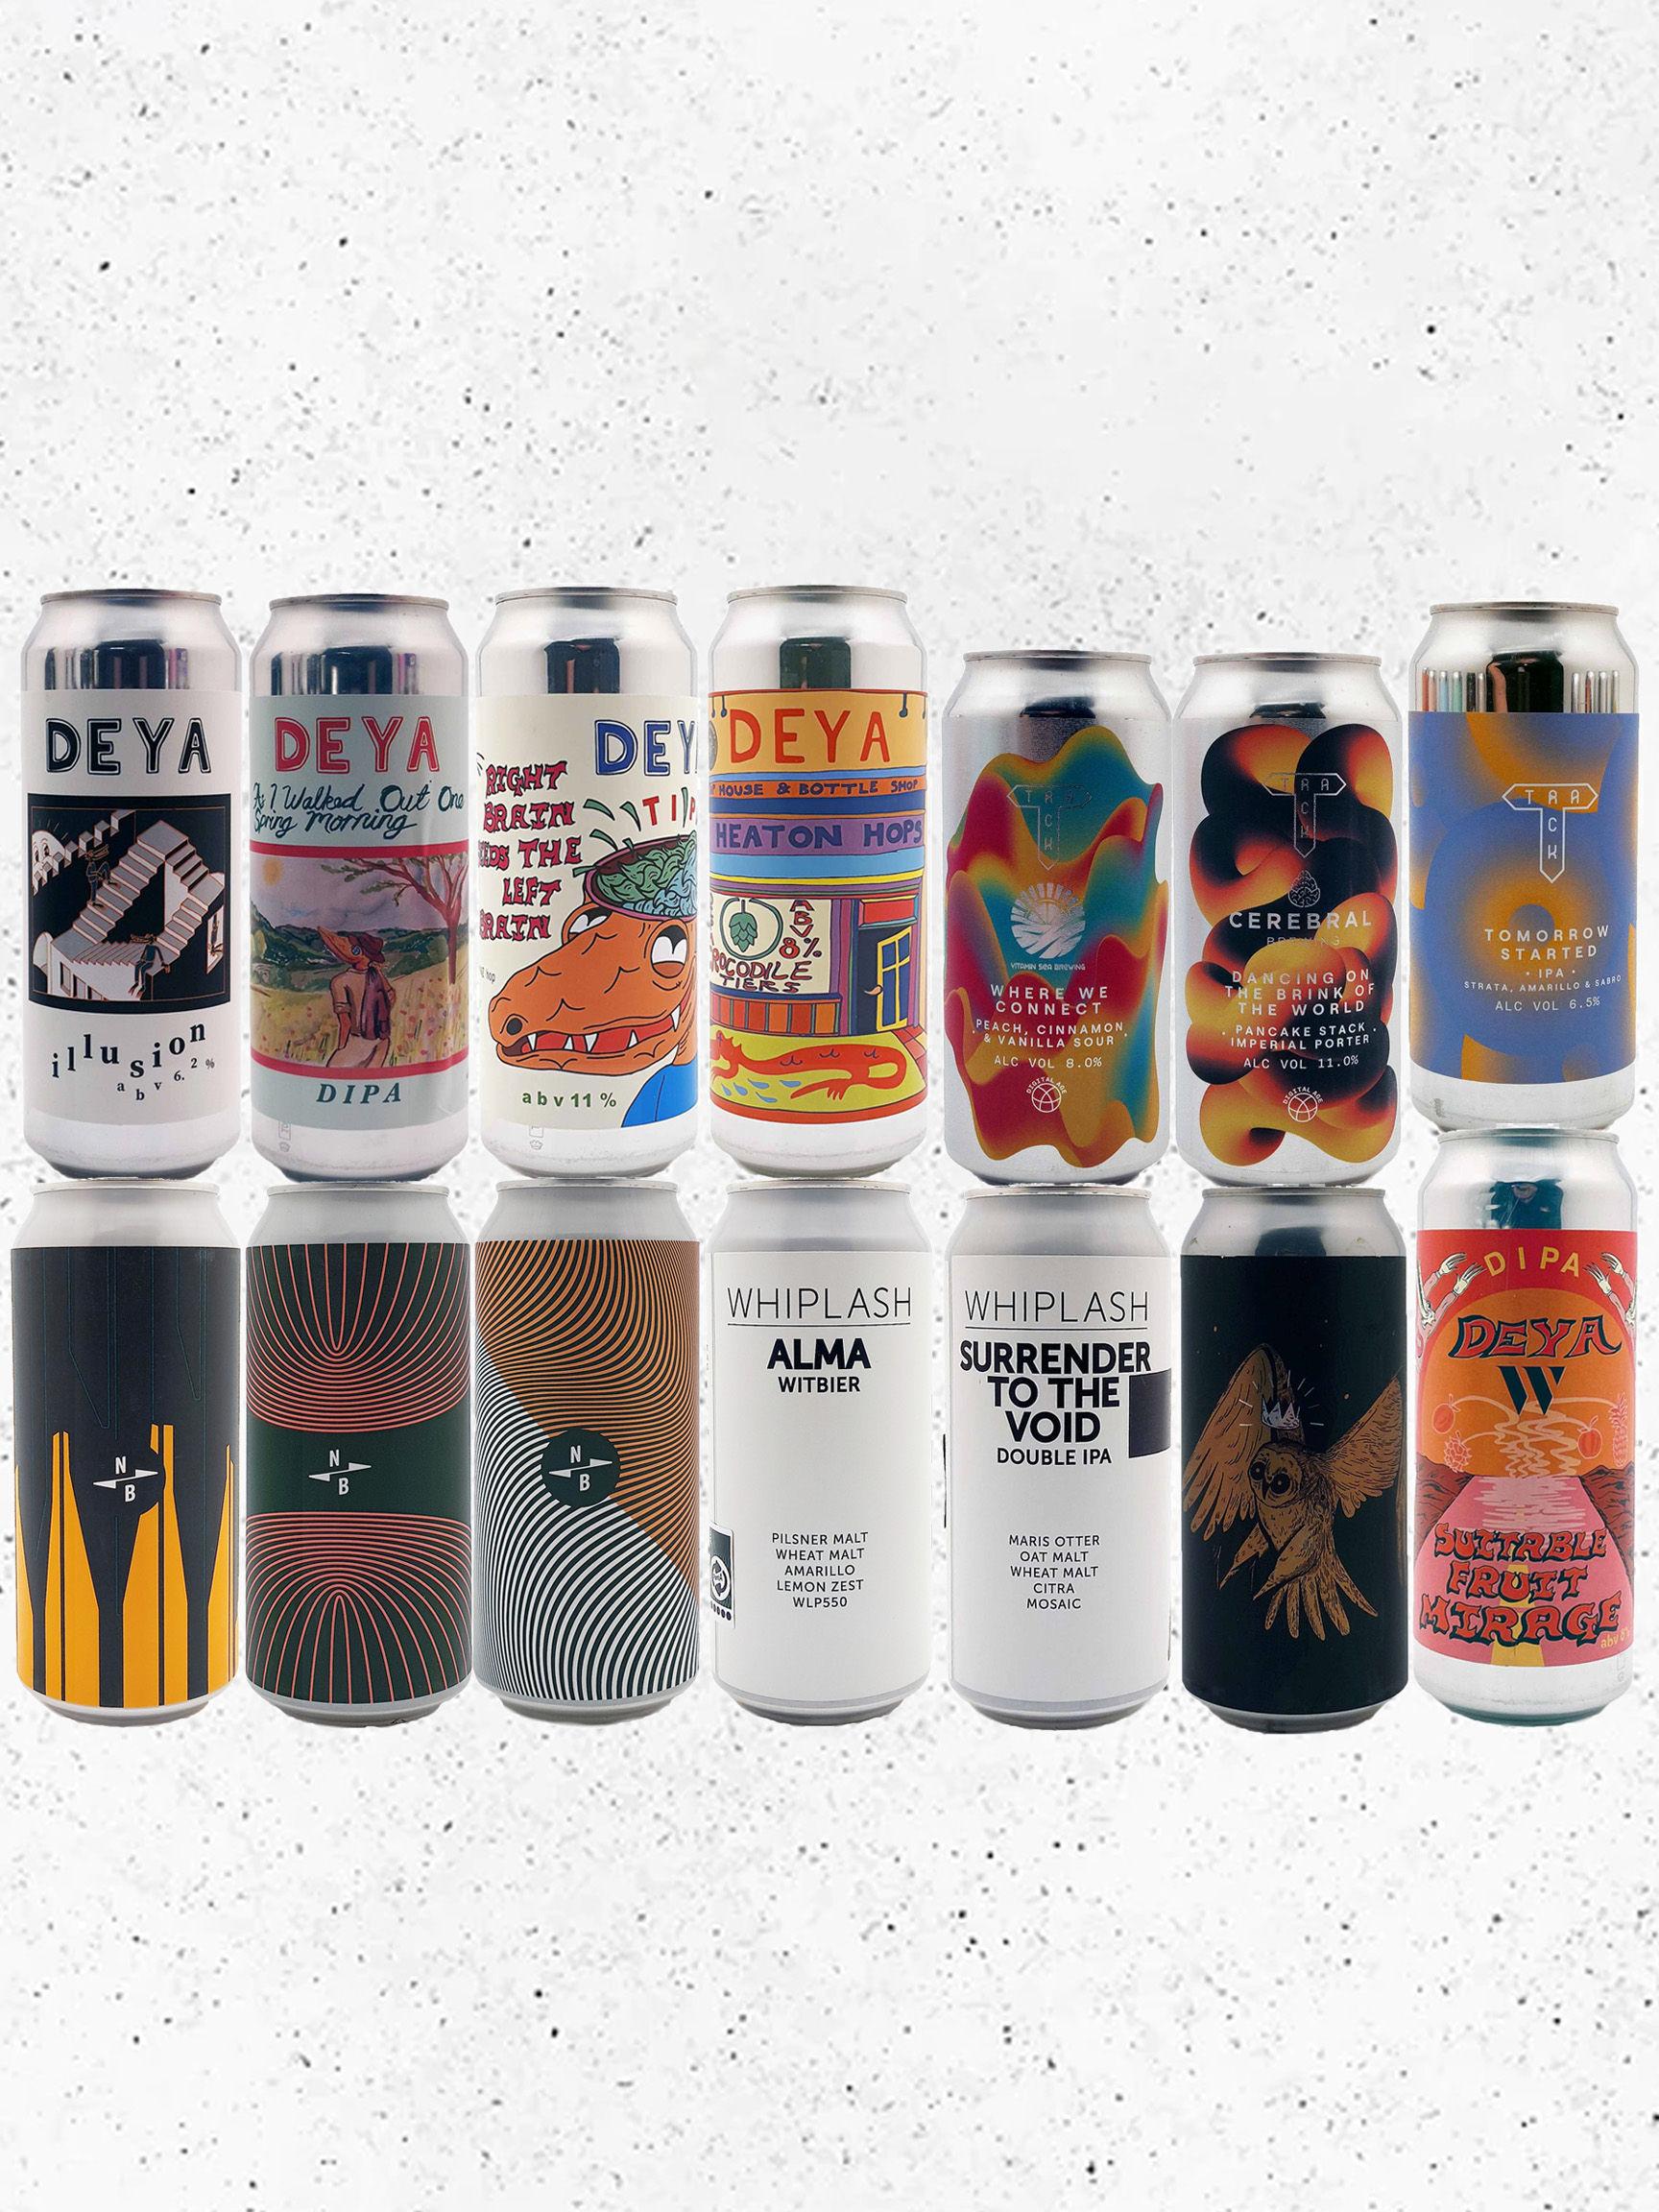 UK beer bundle